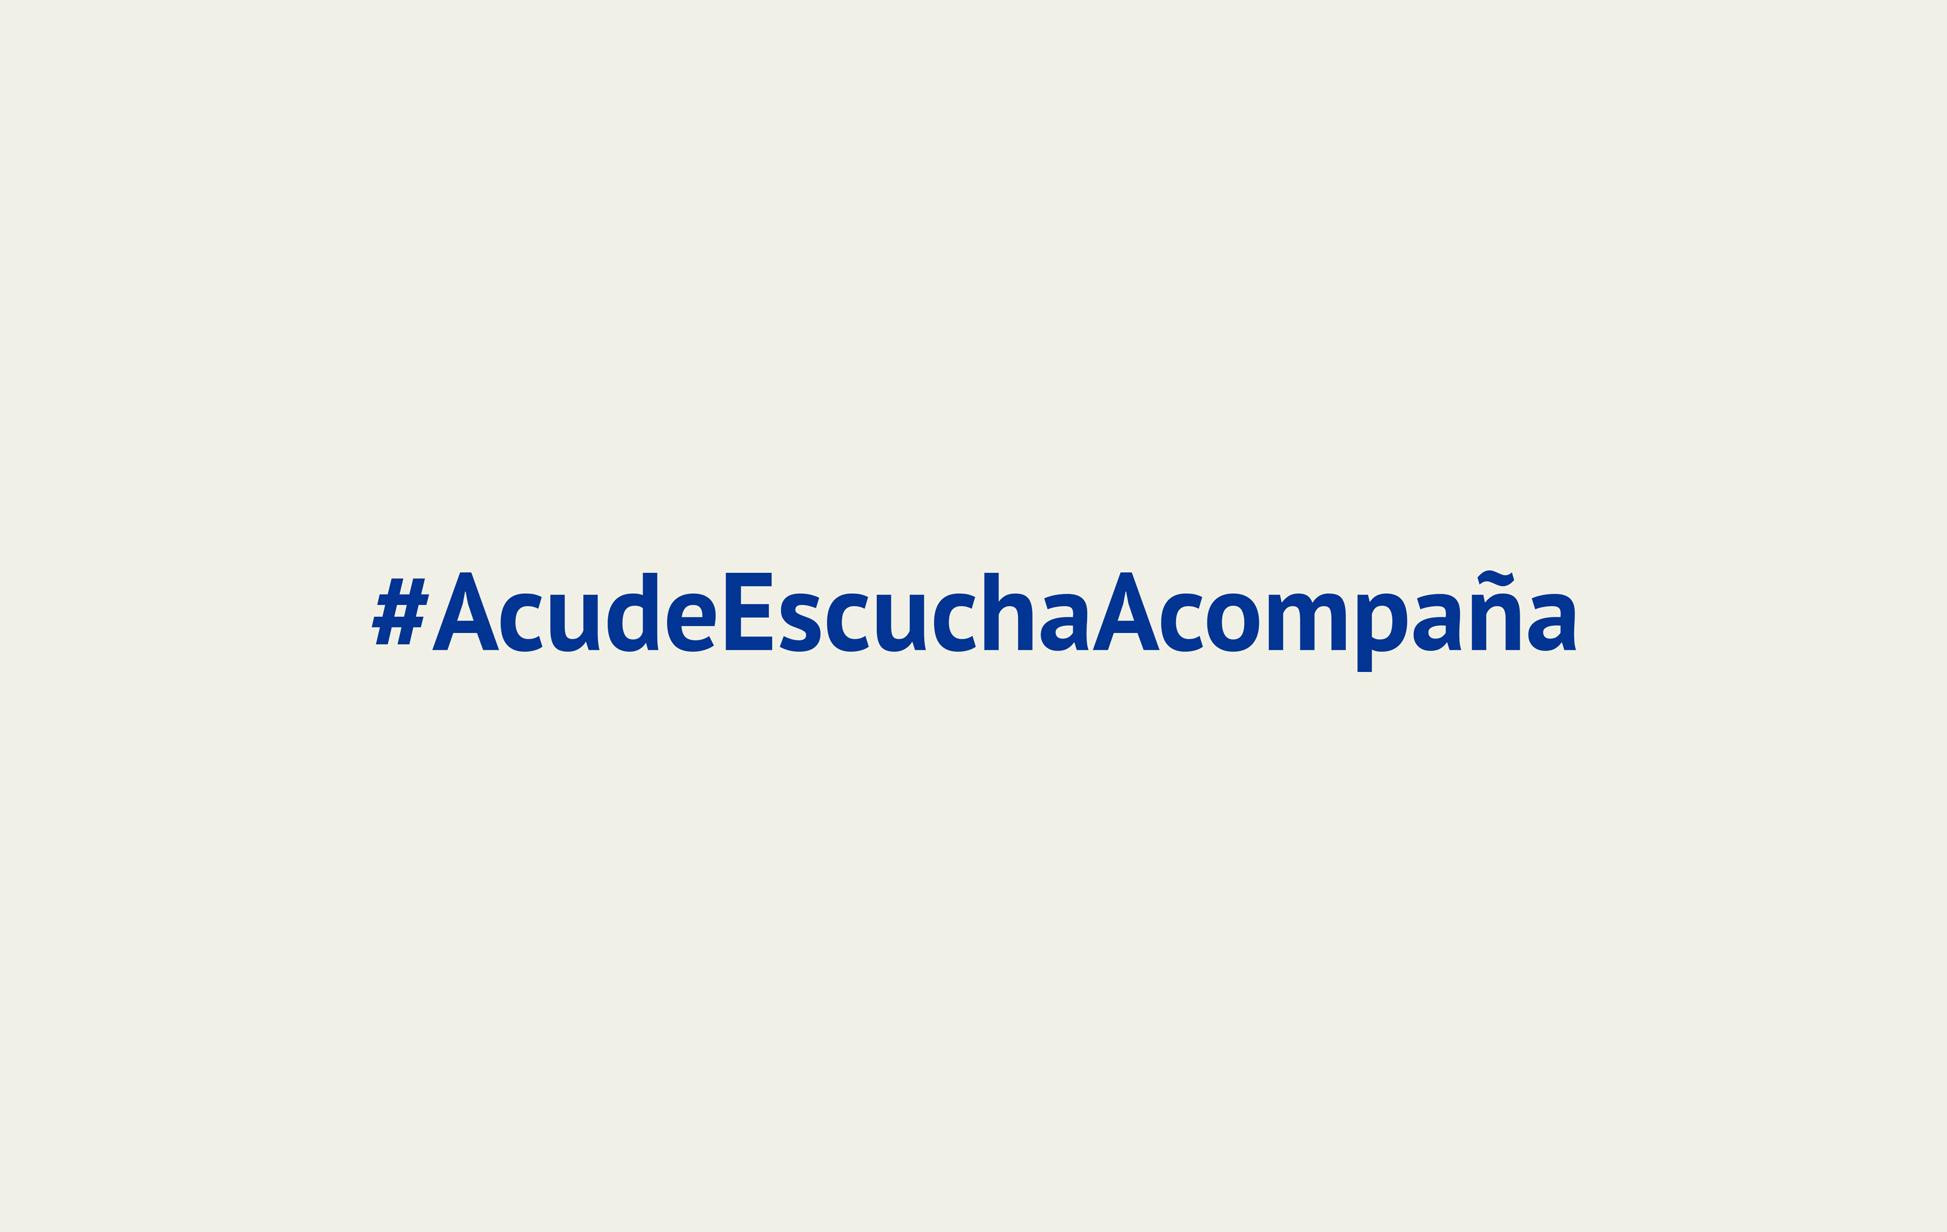 #AcudeEscuchaAcompaña